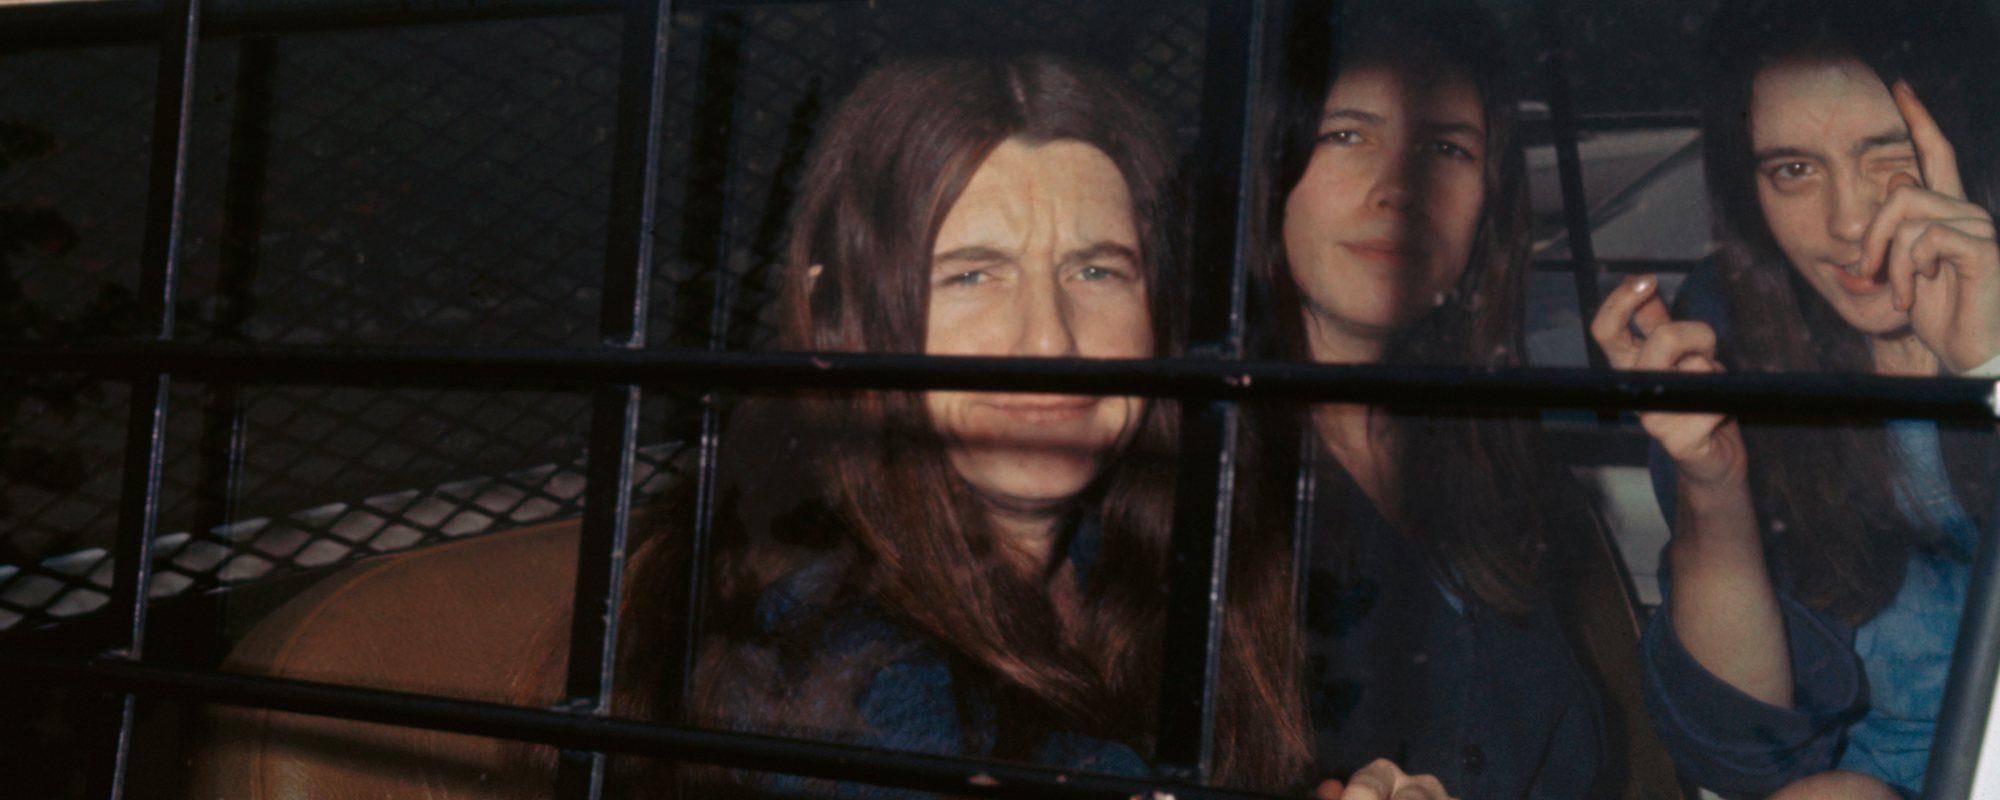 Patricia Krenwinkel Behind Bars